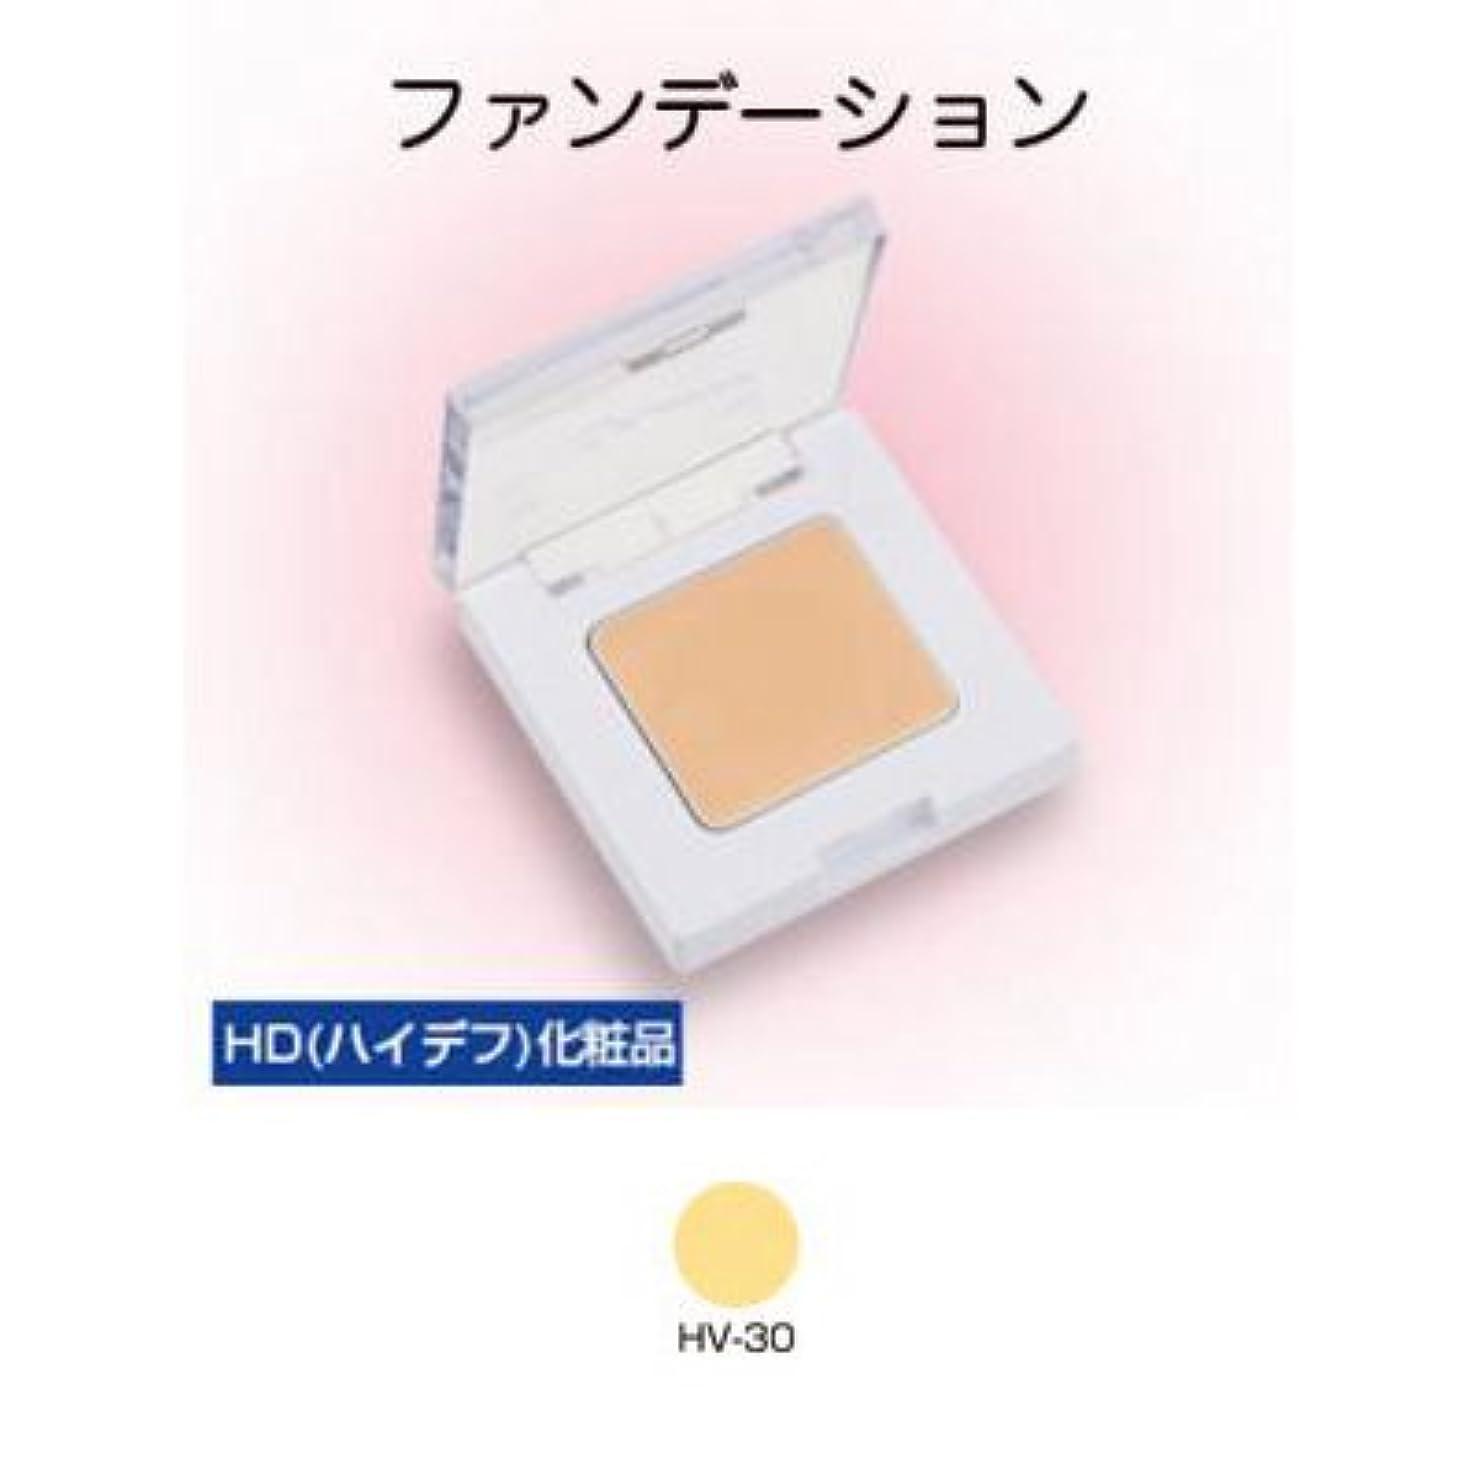 ピック終わり恩恵シャレナ カバーファンデーション ミニ HV-30 【三善】